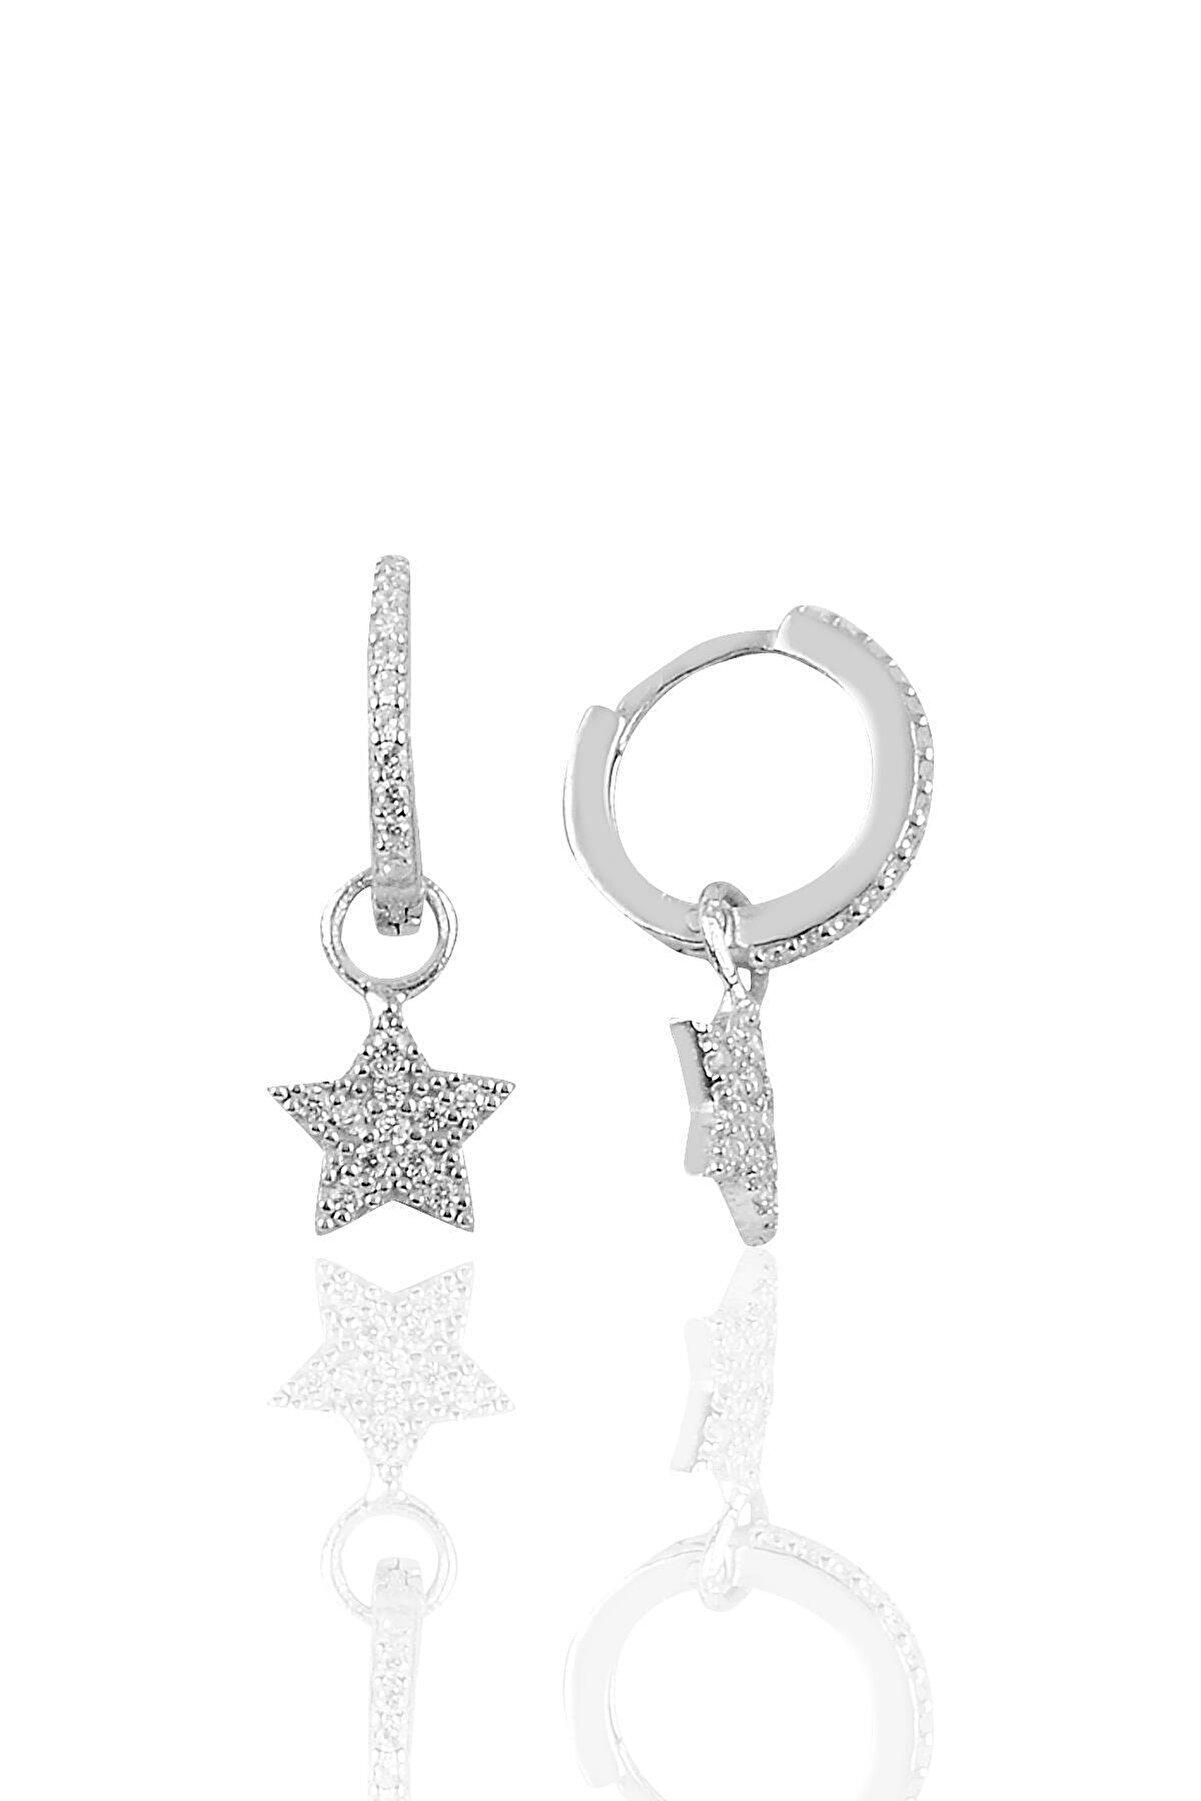 Söğütlü Silver Gümüş Yıldız Modeli Taşlı Halka Küpe